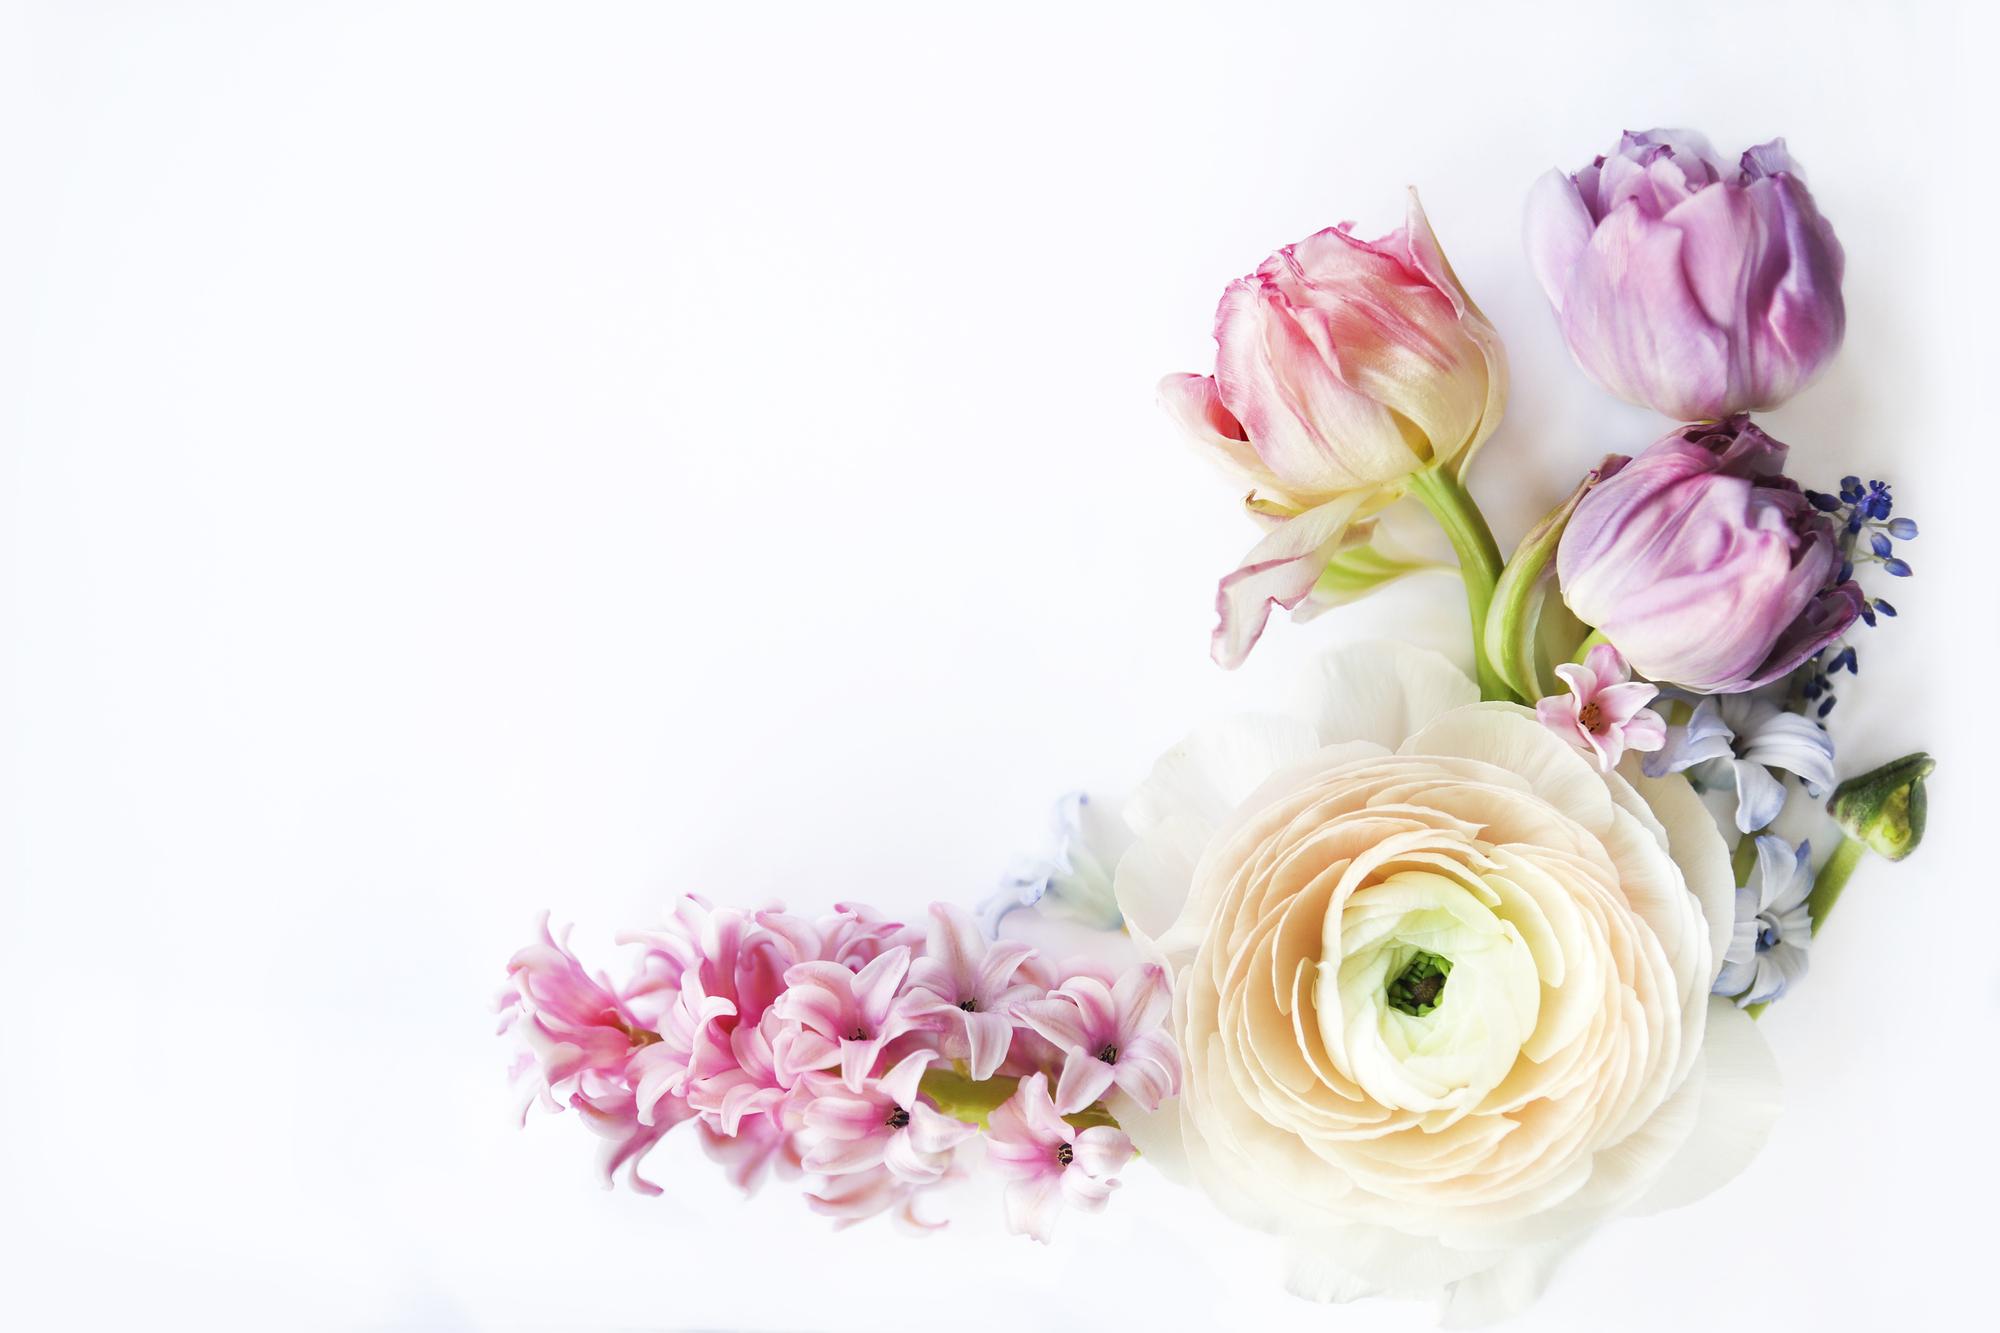 それぞれの花が持つ意味とは? お祝いギフトに最適なのはどの花?